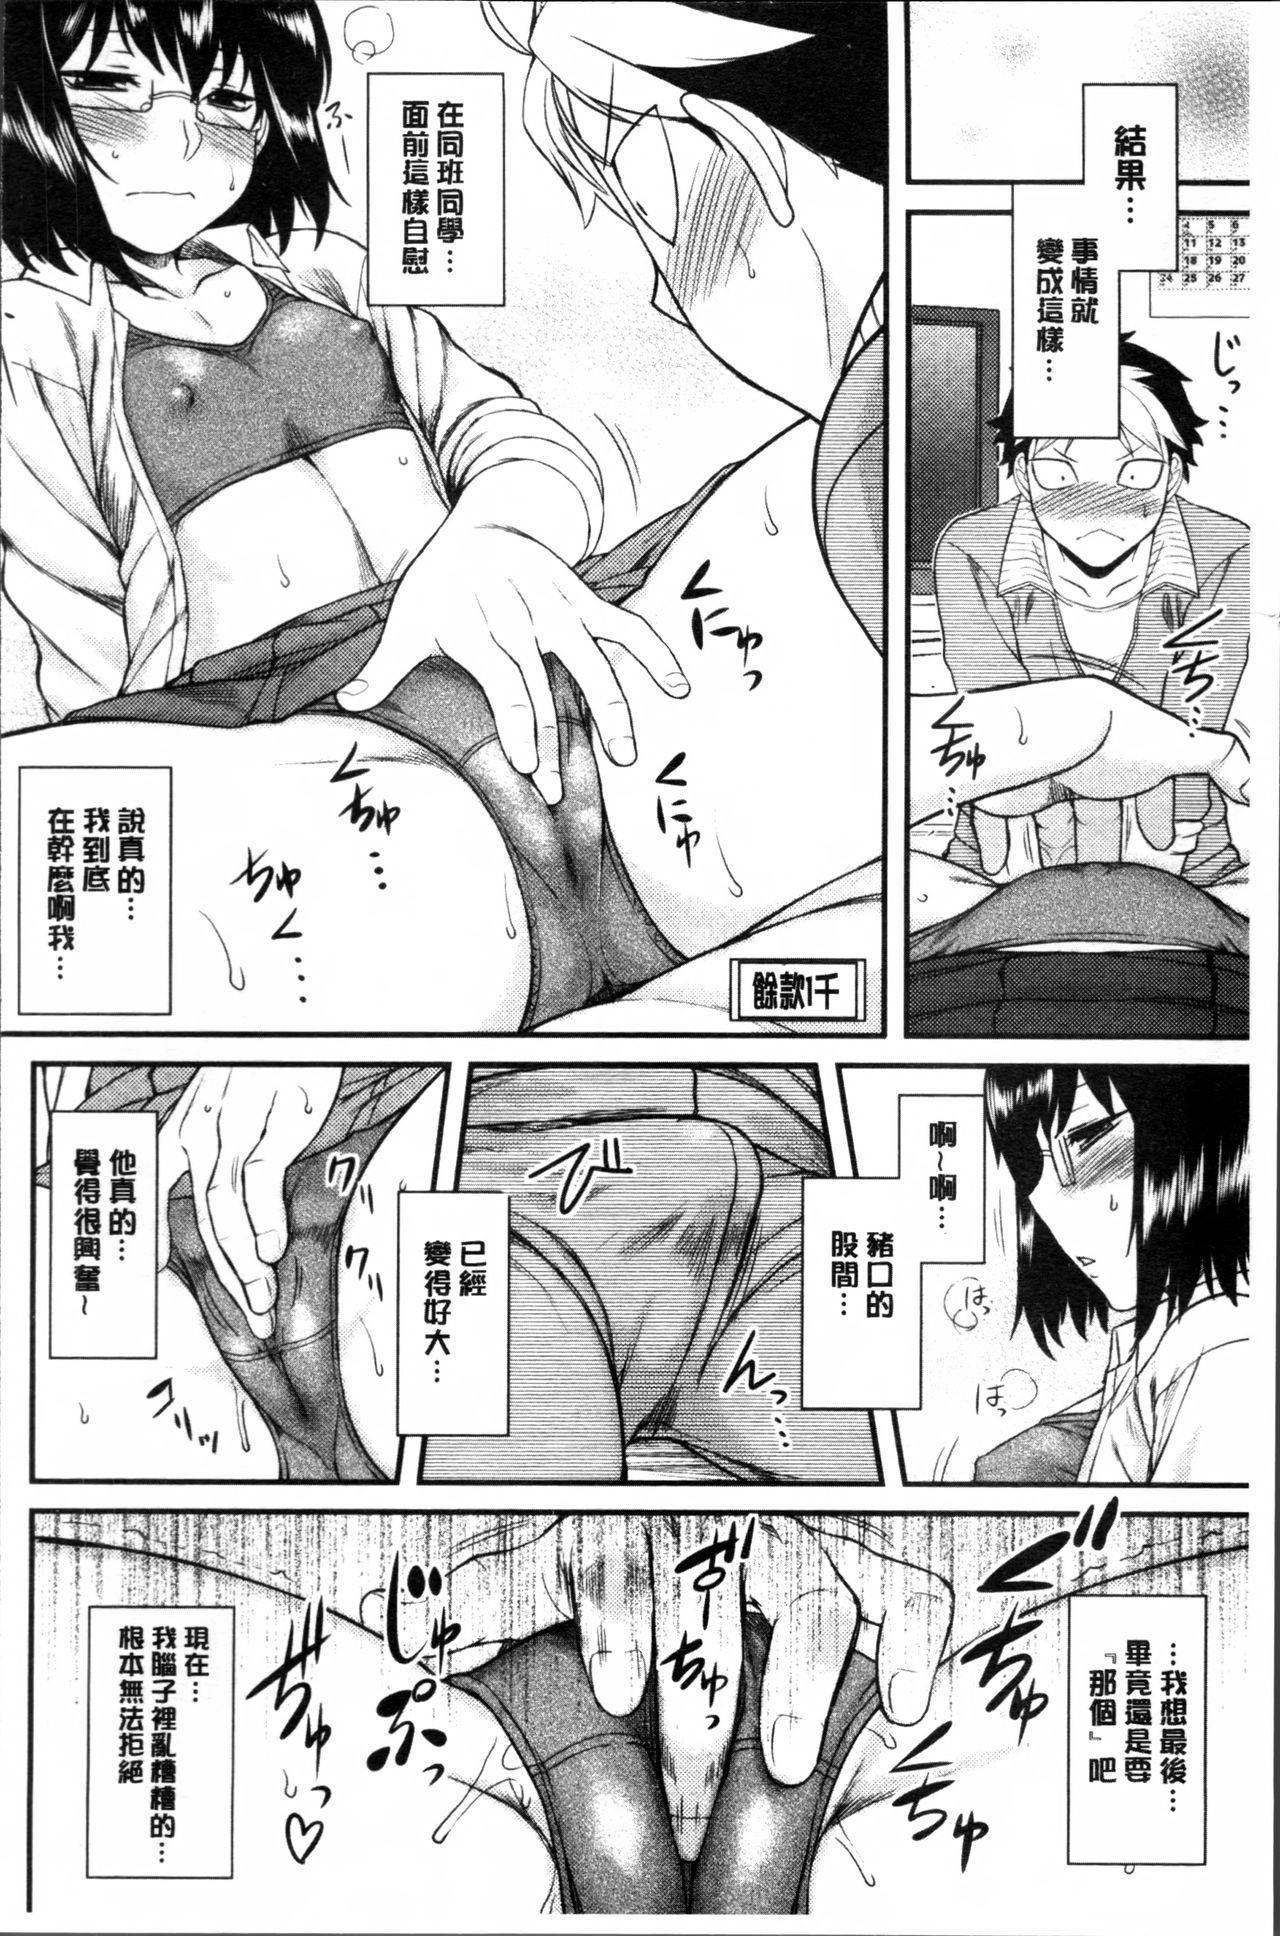 Hatsukoi Splash! 108